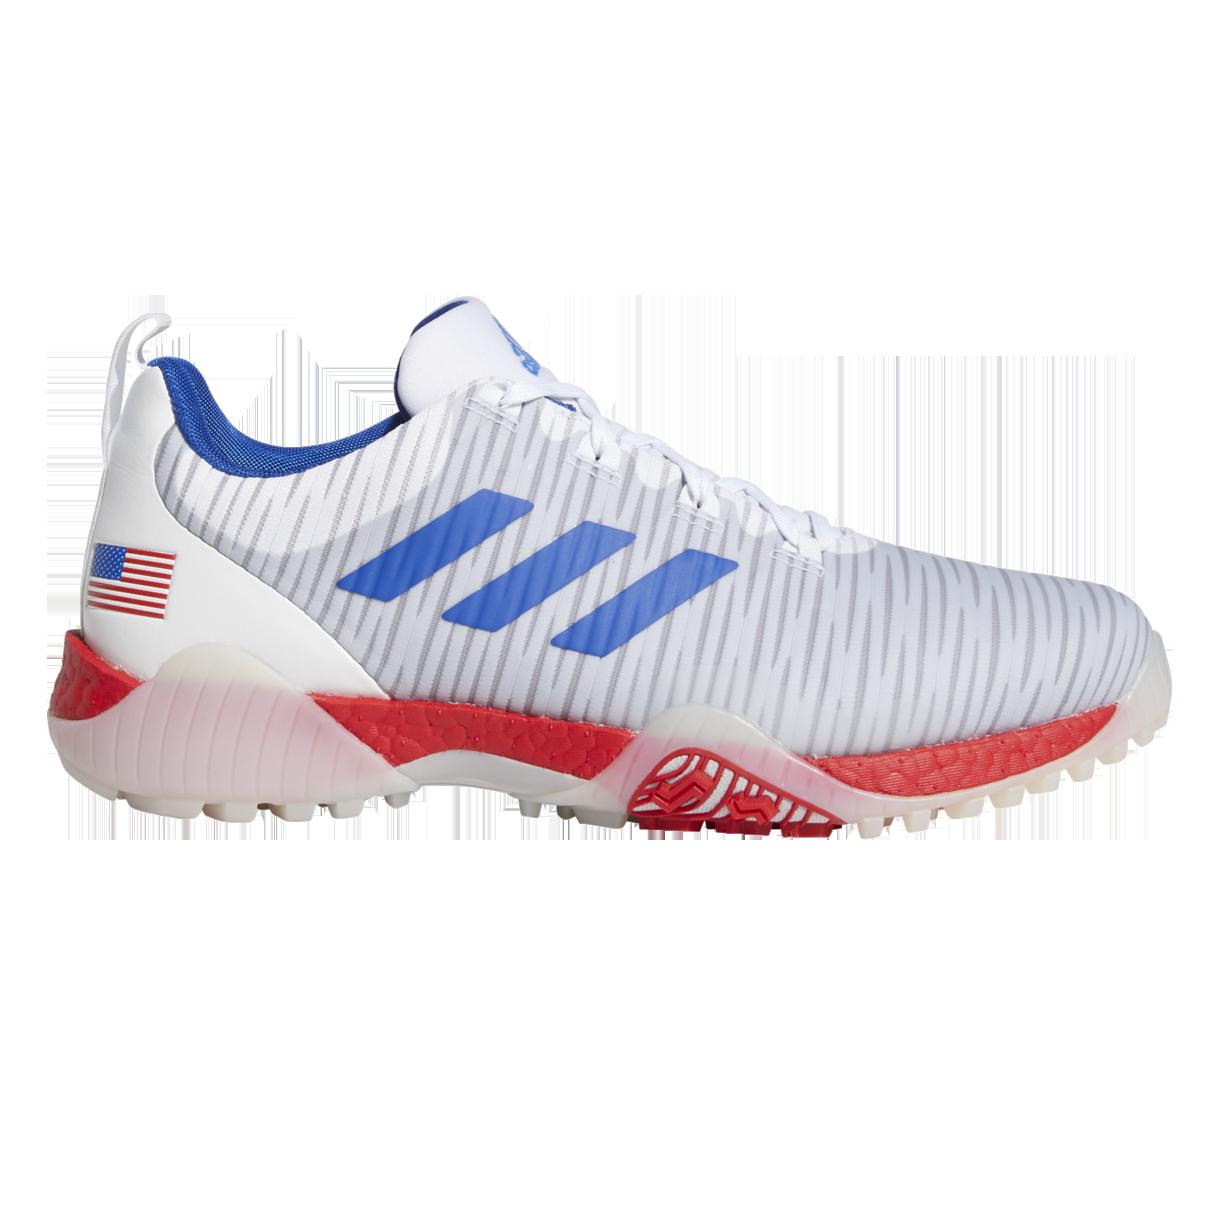 solamente Gladys Agradecido  adidas CODECHAOS USA Men's Golf Shoe - Red/White/Blue | PGA TOUR Superstore